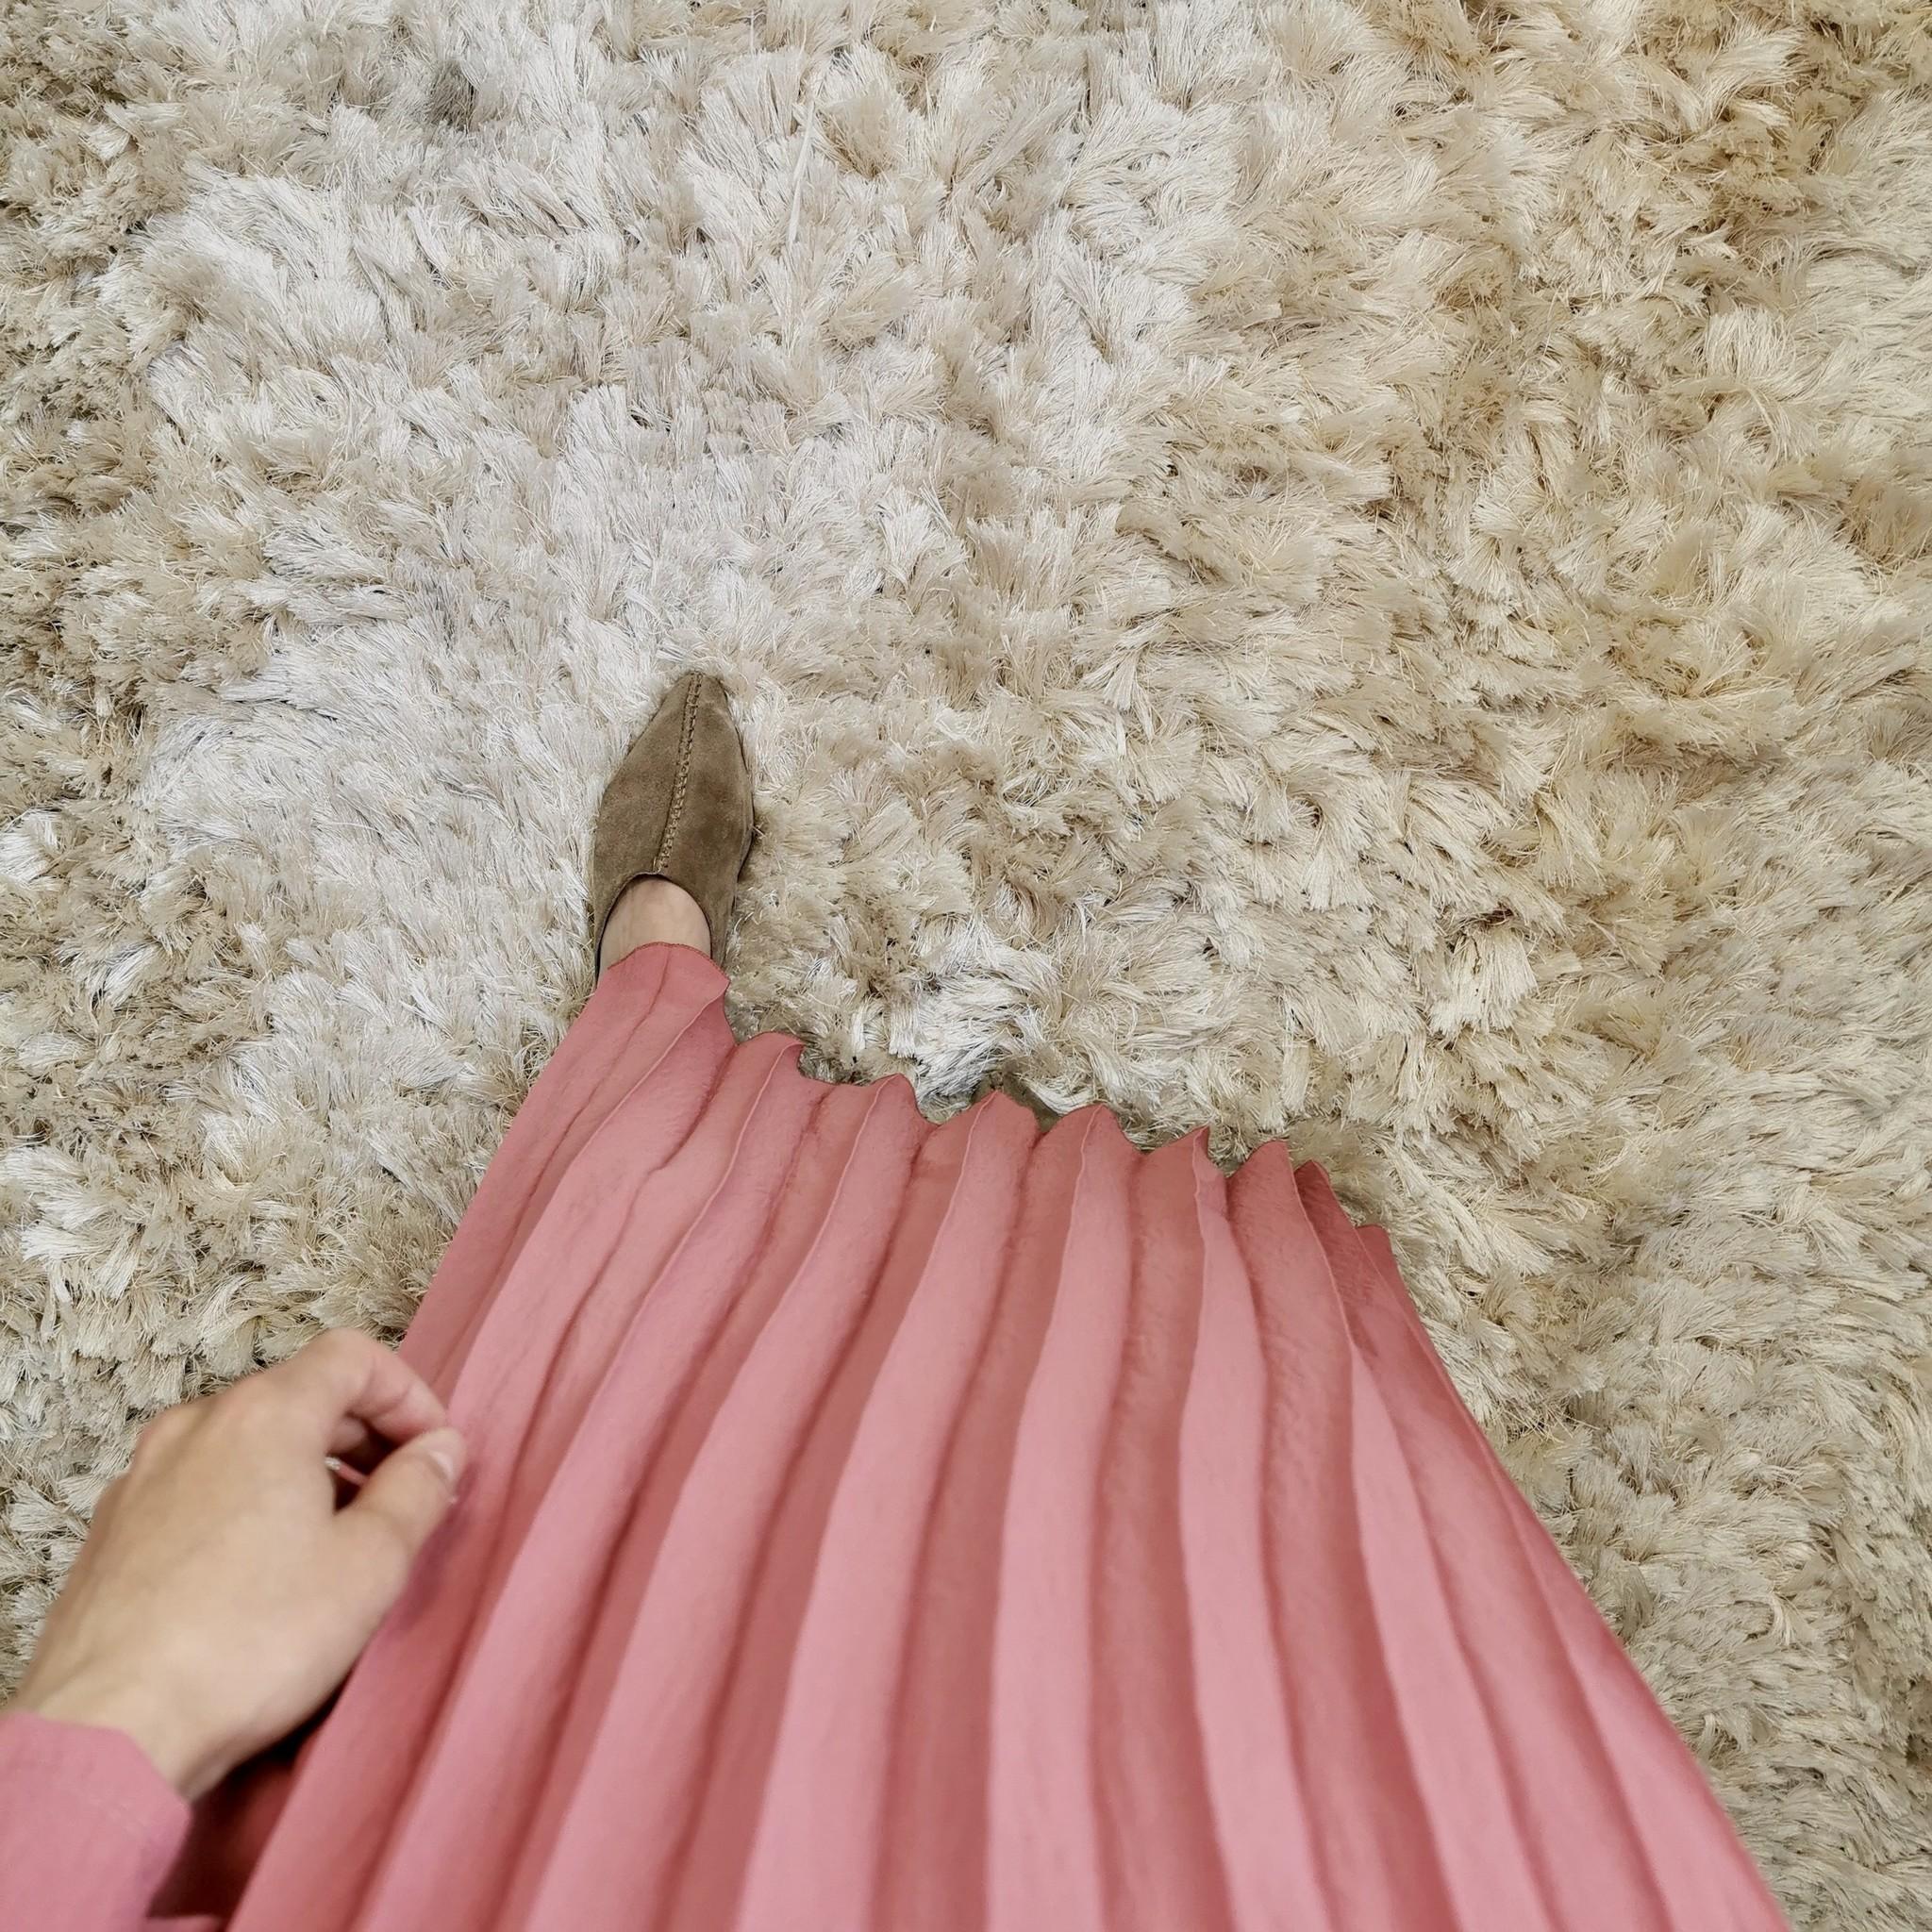 Jurk palinuro coral-pink